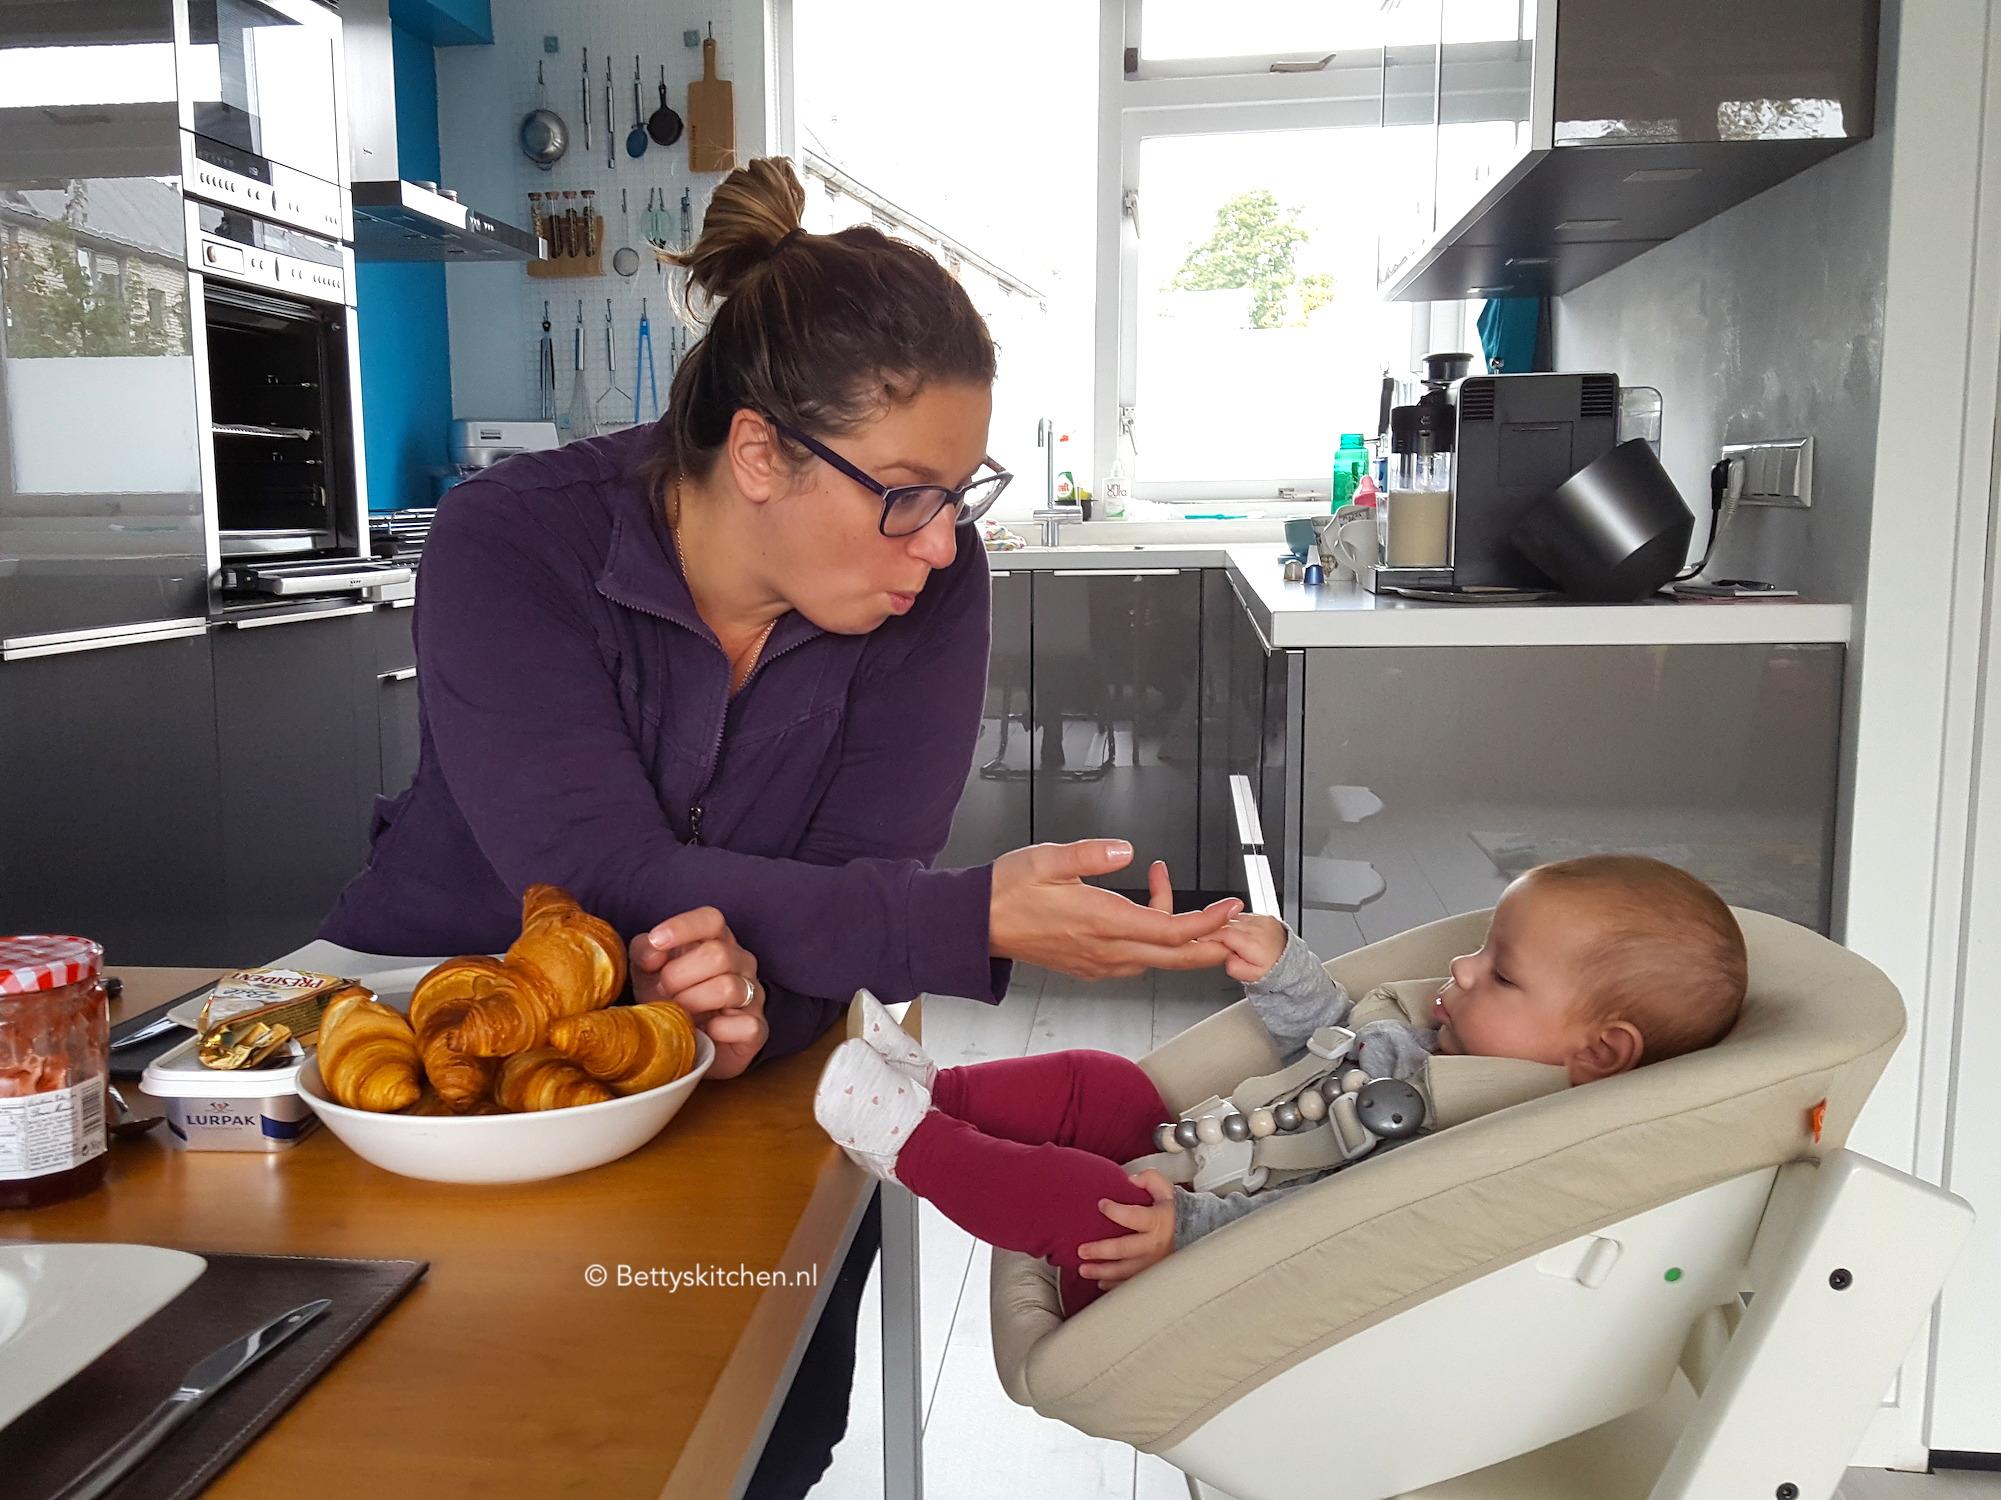 Stokke Kinderstoel Aanbieding.Stokke Tripp Trapp Kinderstoel Review Betty S Kitchen